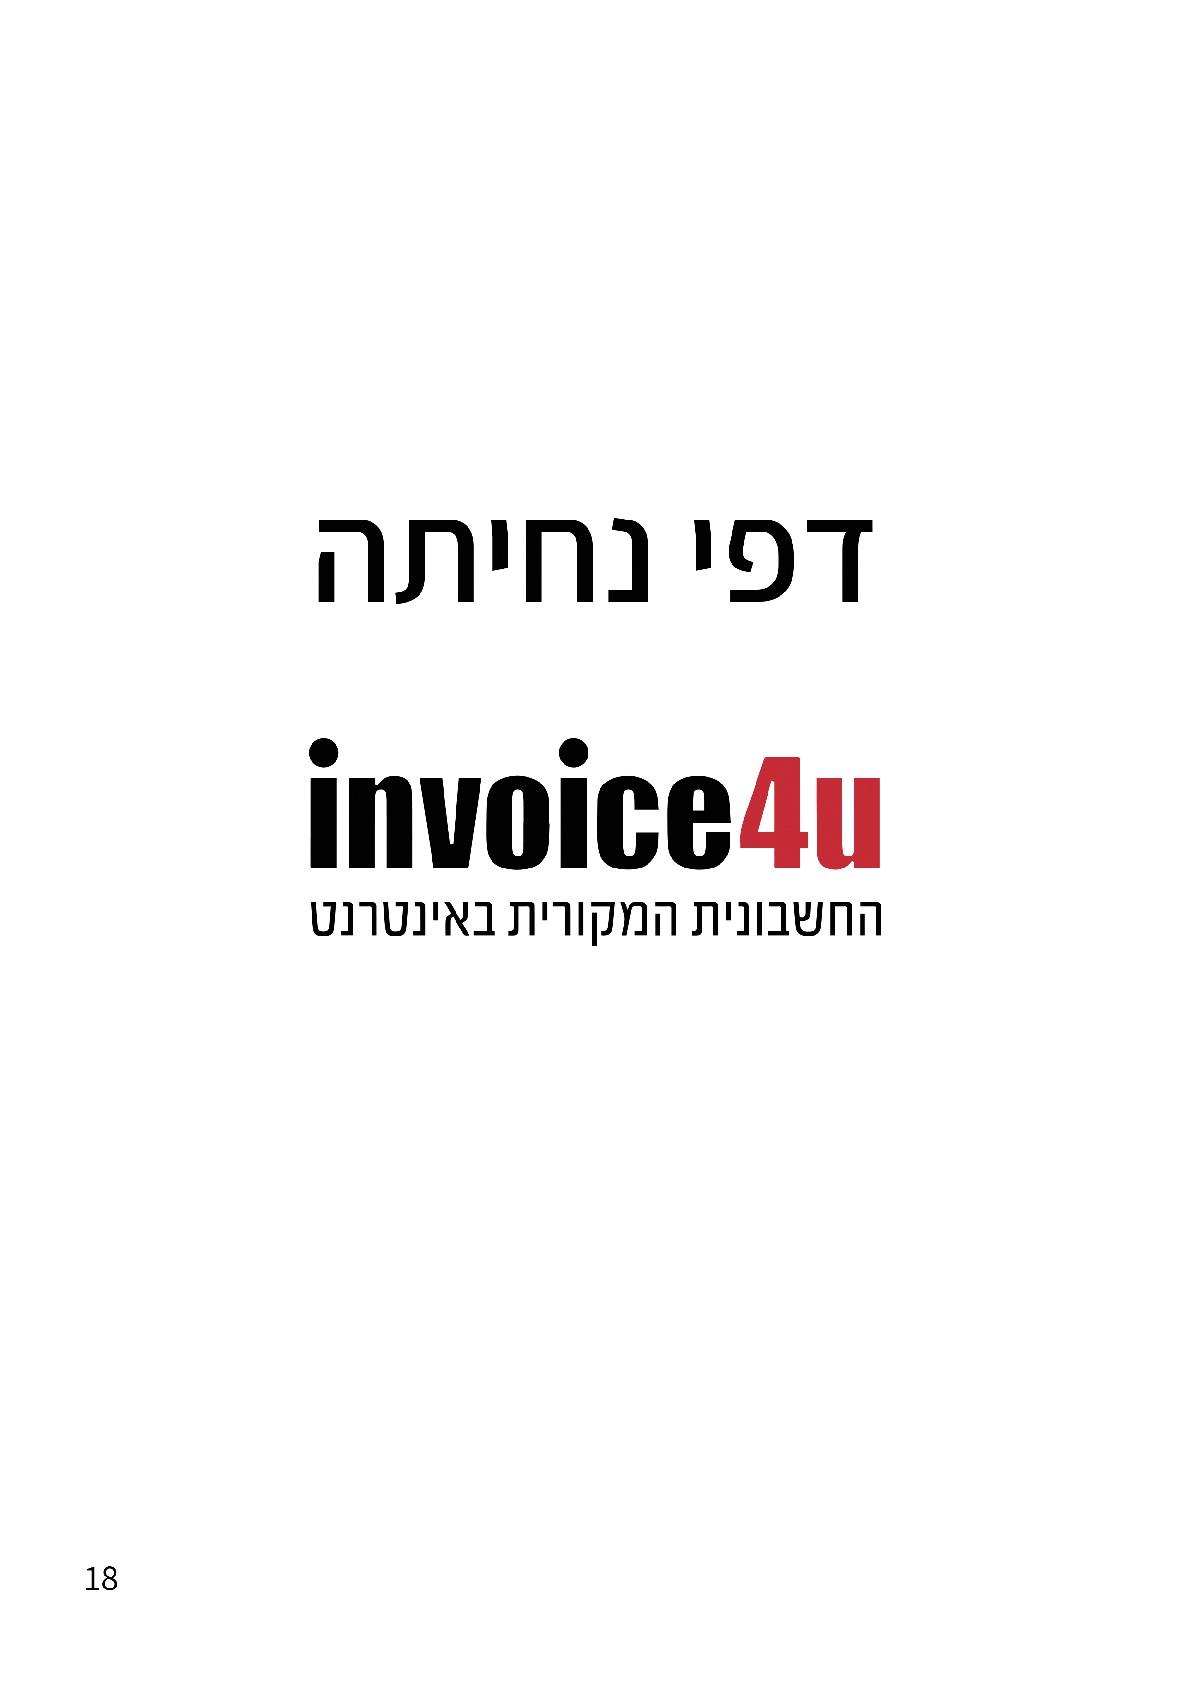 ספר מיתוג invoice4u